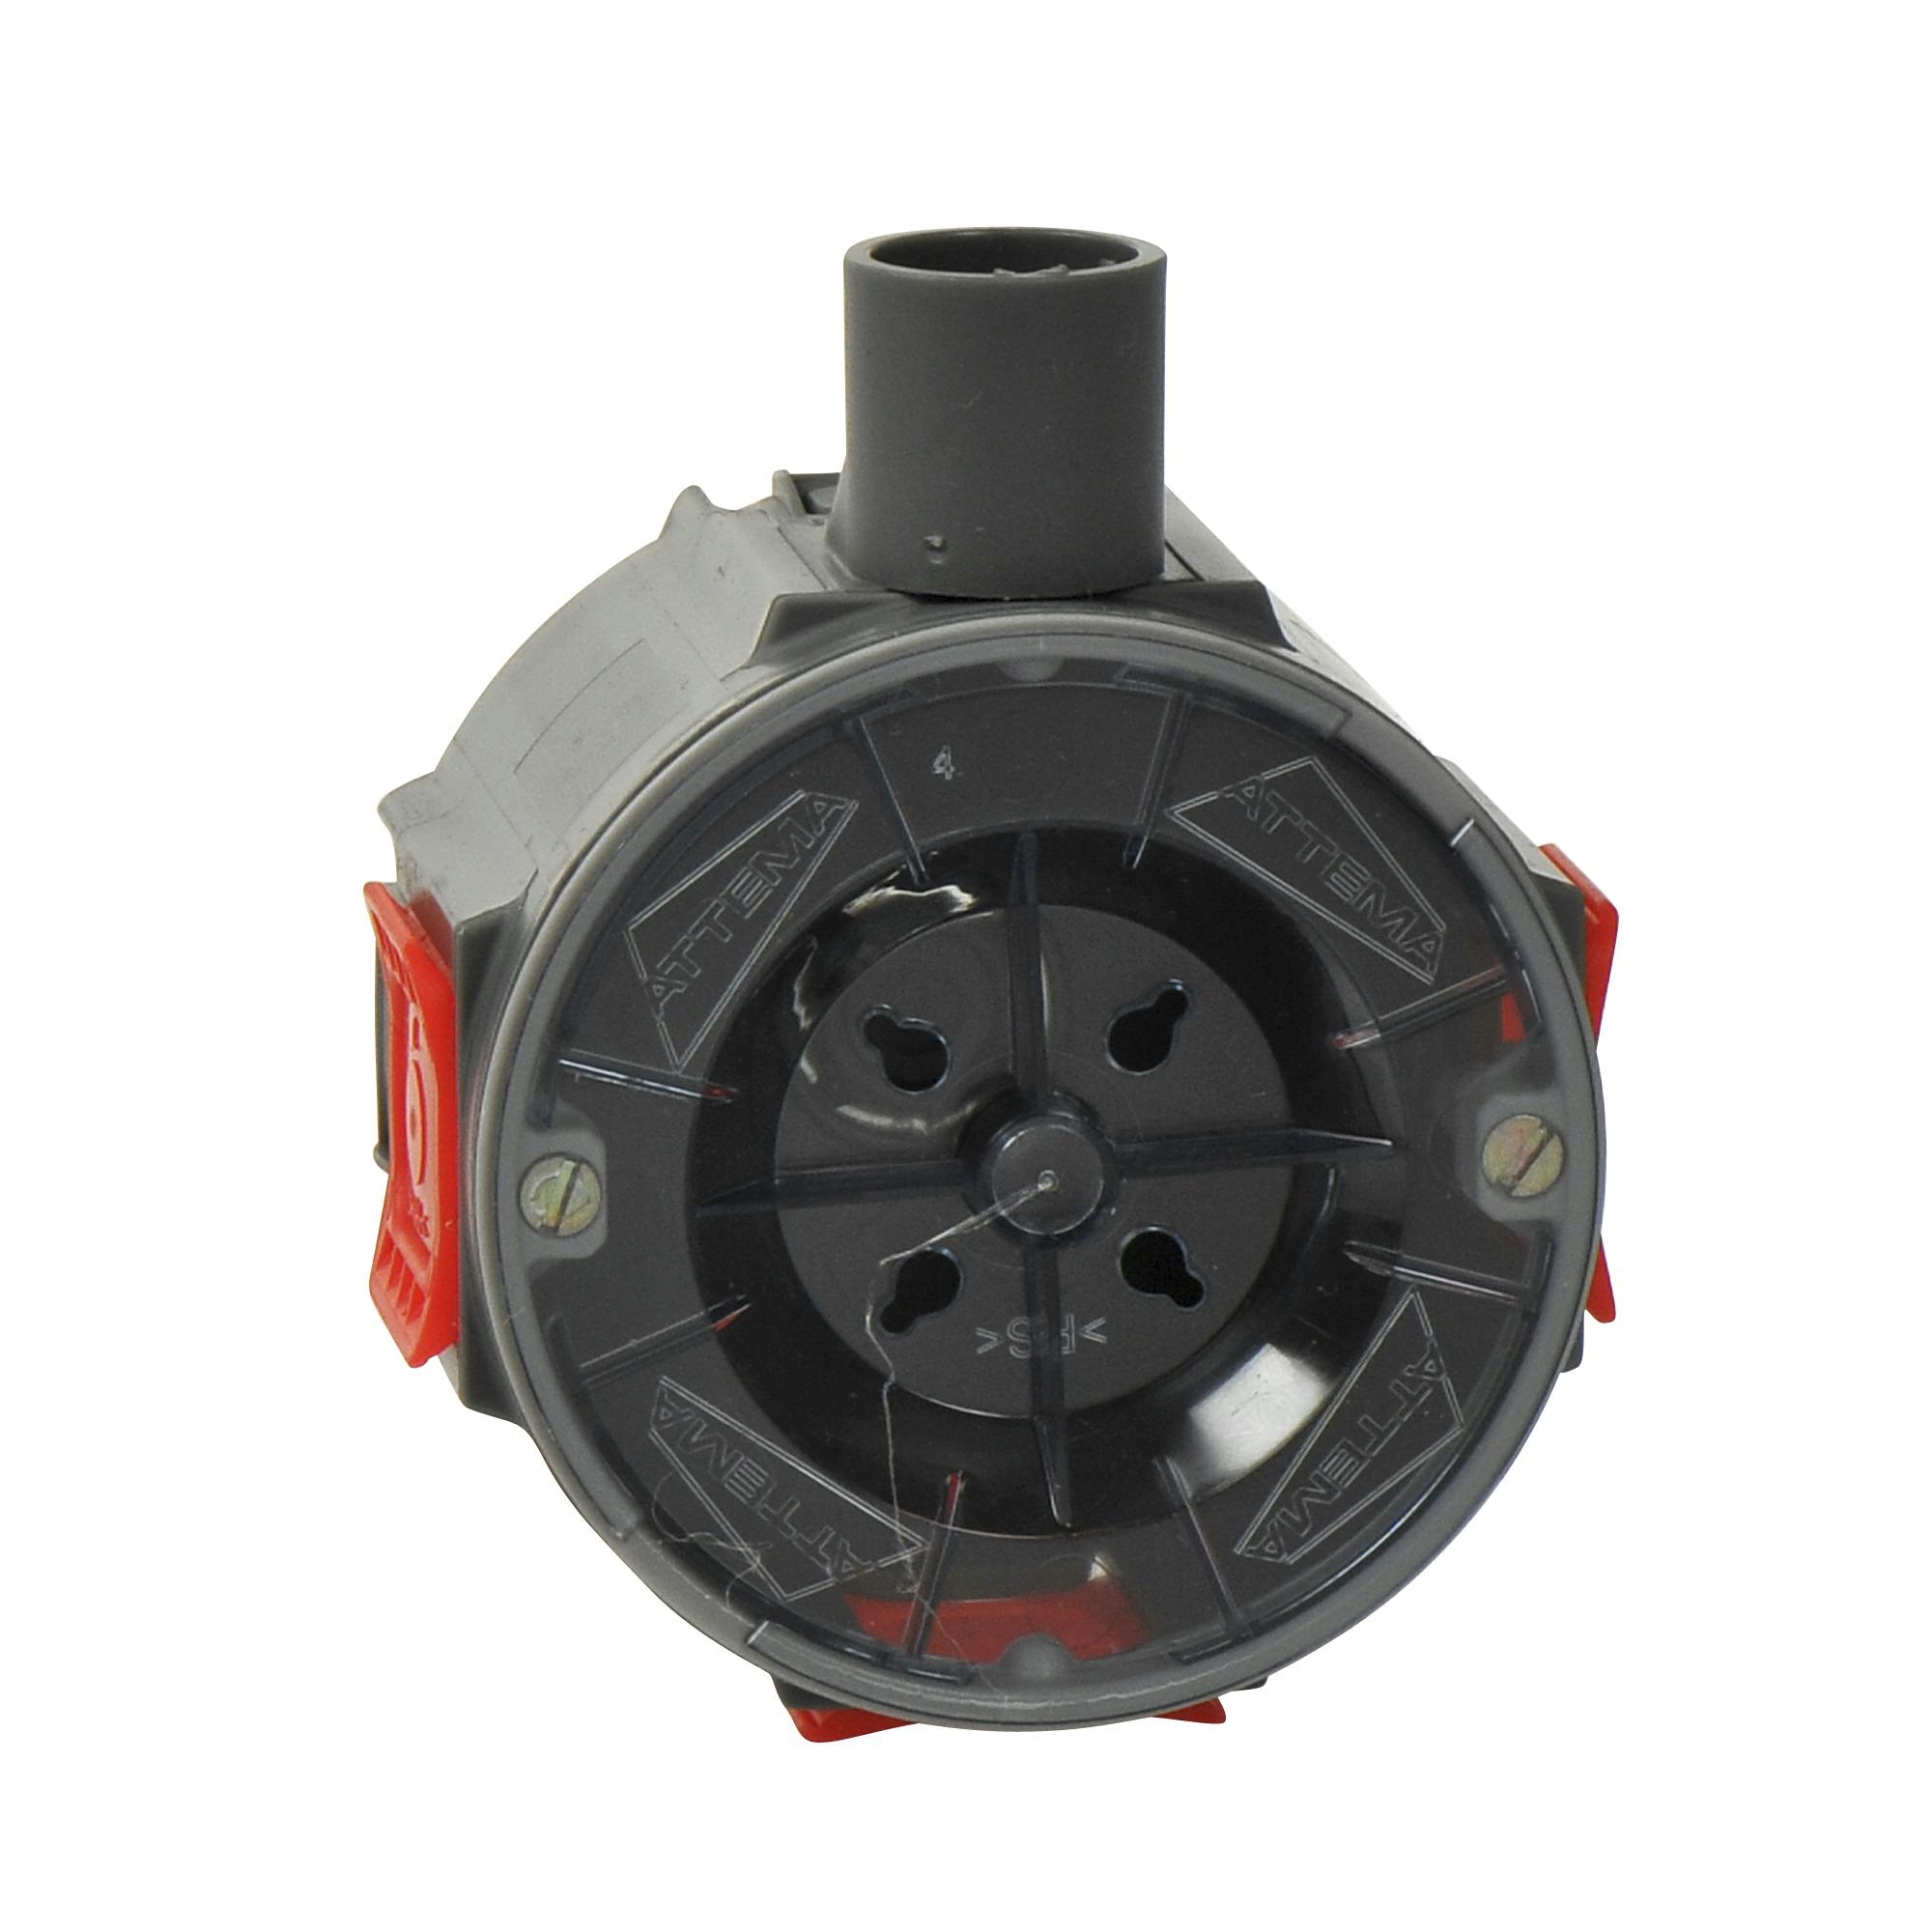 Inbouwdoos U50 5-8 16mm 1102 Attema (10 stuks)